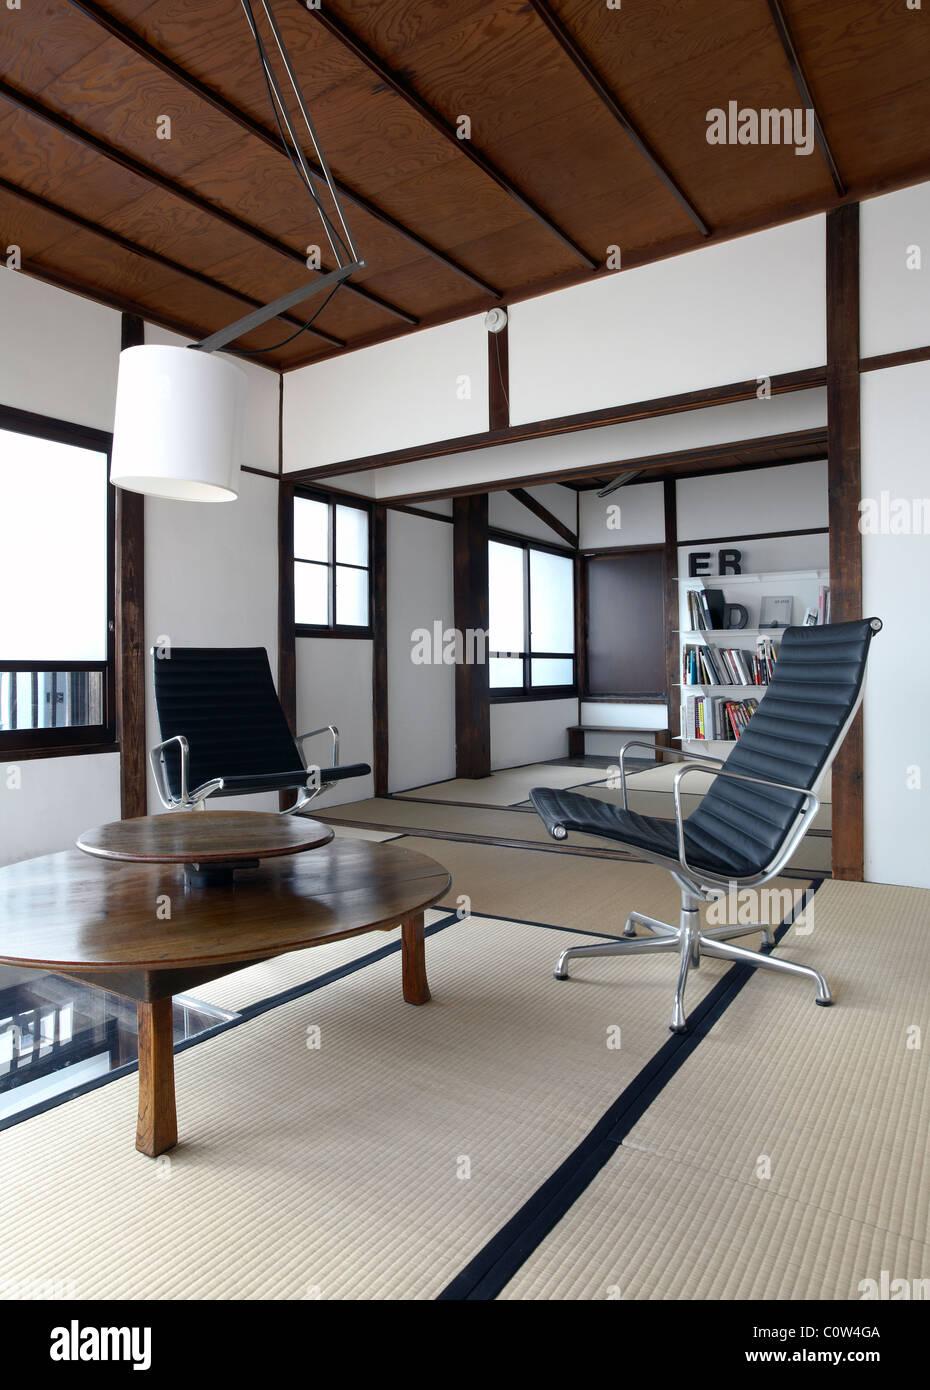 Zeitgenössische Tatami Zimmer In Einem Japanischen Wohnzimmer Mit C. Eames  Office Lounge Sessel Stockbild